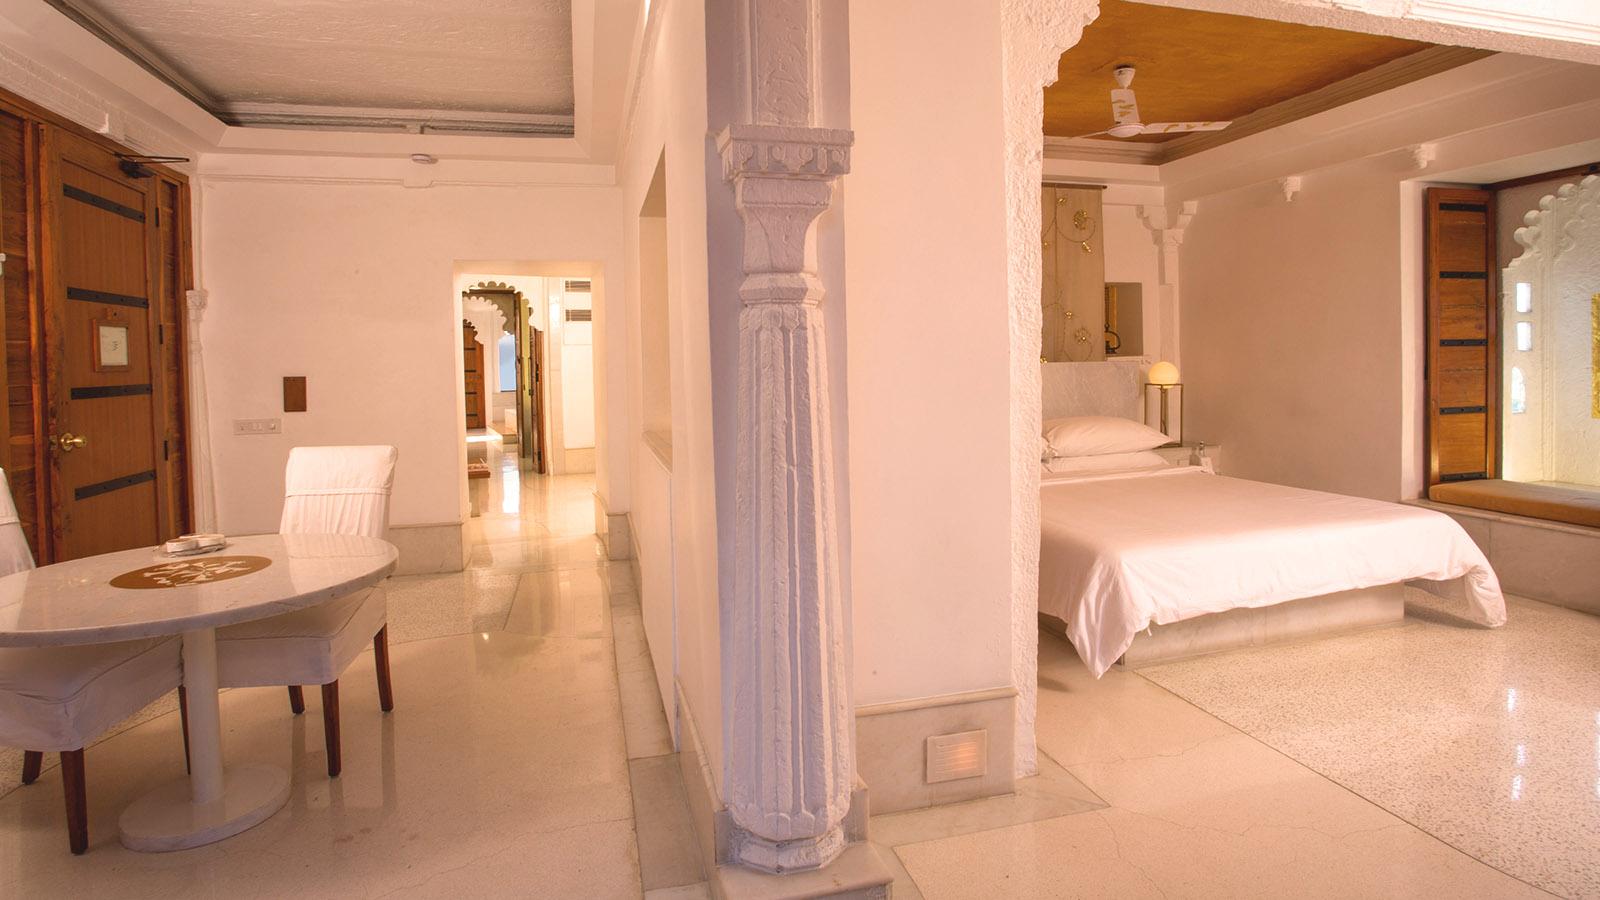 Devigarh-Suite-RAAS-Hotel-devigarh-Rajasthan-01